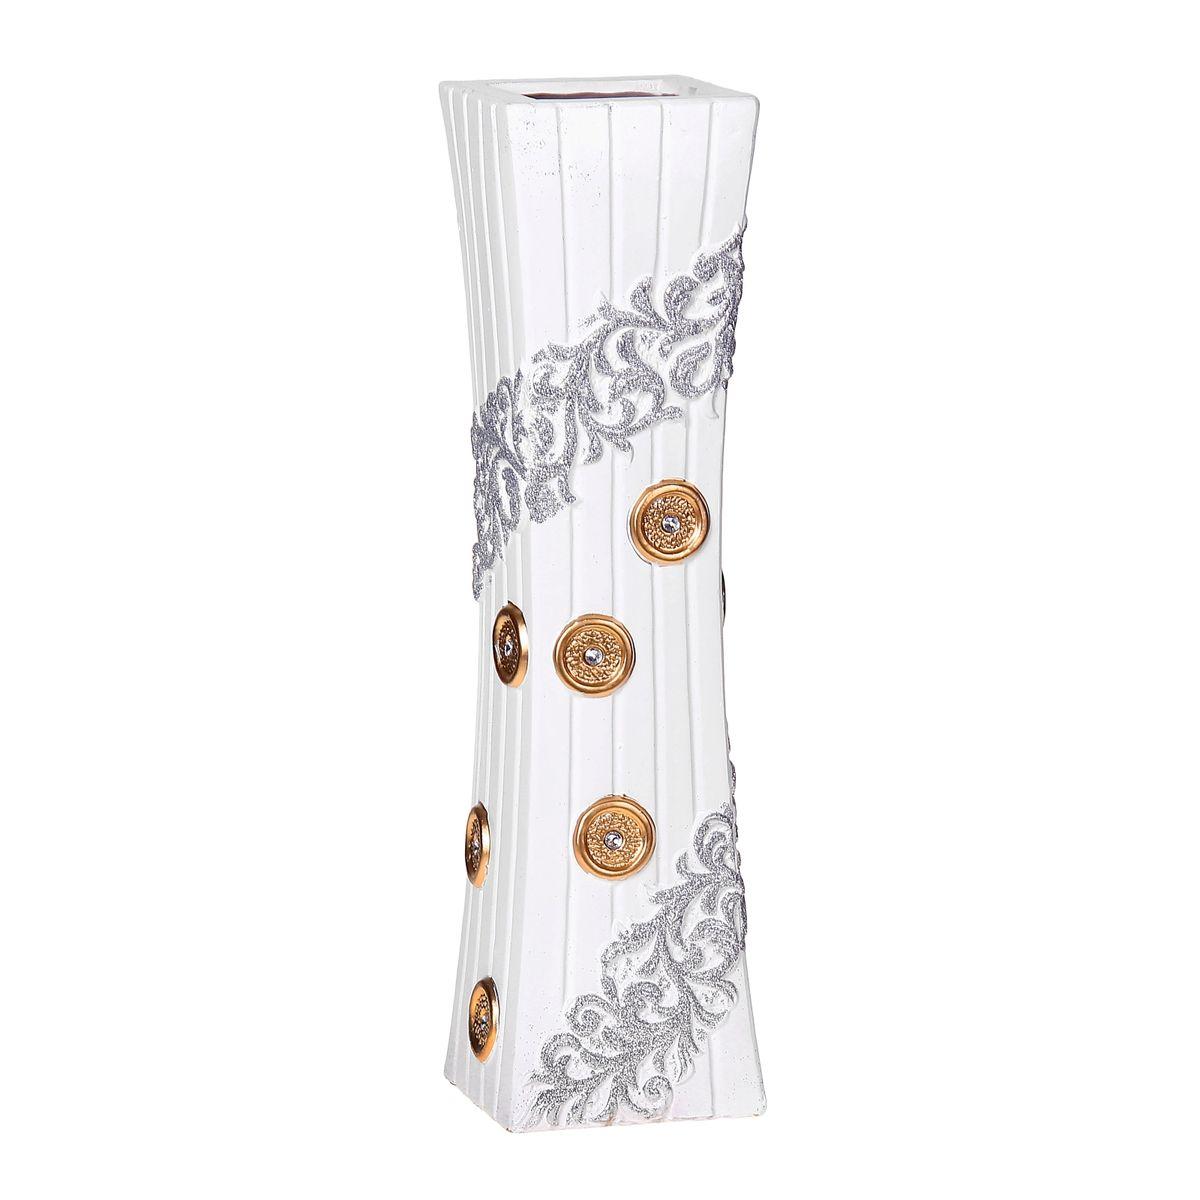 Ваза напольная Sima-land Пуговица, высота 60 см94672Напольная ваза Sima-land Пуговица, выполненная из керамики, станет изысканным украшением интерьера. Она предназначена как для живых, так и для искусственных цветов. Изделие декорировано блестками и стразами. Интересная форма и необычное оформление сделают эту вазу замечательным украшением интерьера. Любое помещение выглядит незавершенным без правильно расположенных предметов интерьера. Они помогают создать уют, расставить акценты, подчеркнуть достоинства или скрыть недостатки.